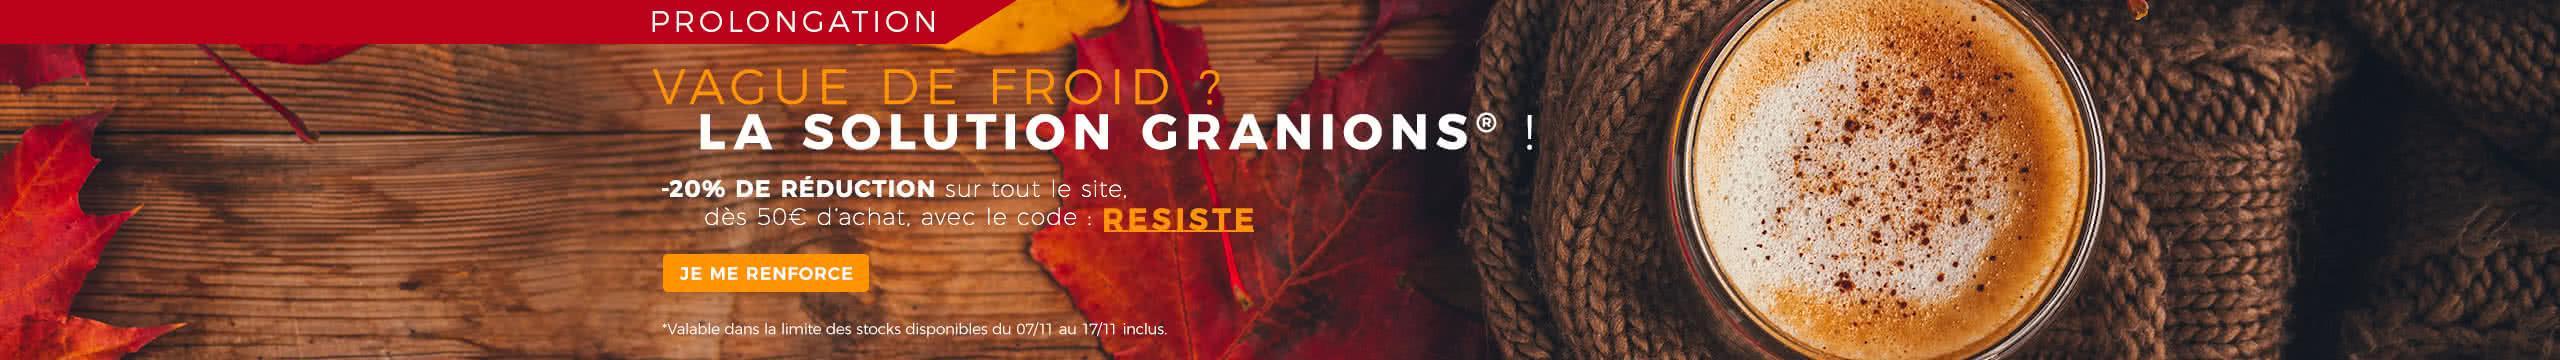 NL-Promo-Resiste-20-Prolongation